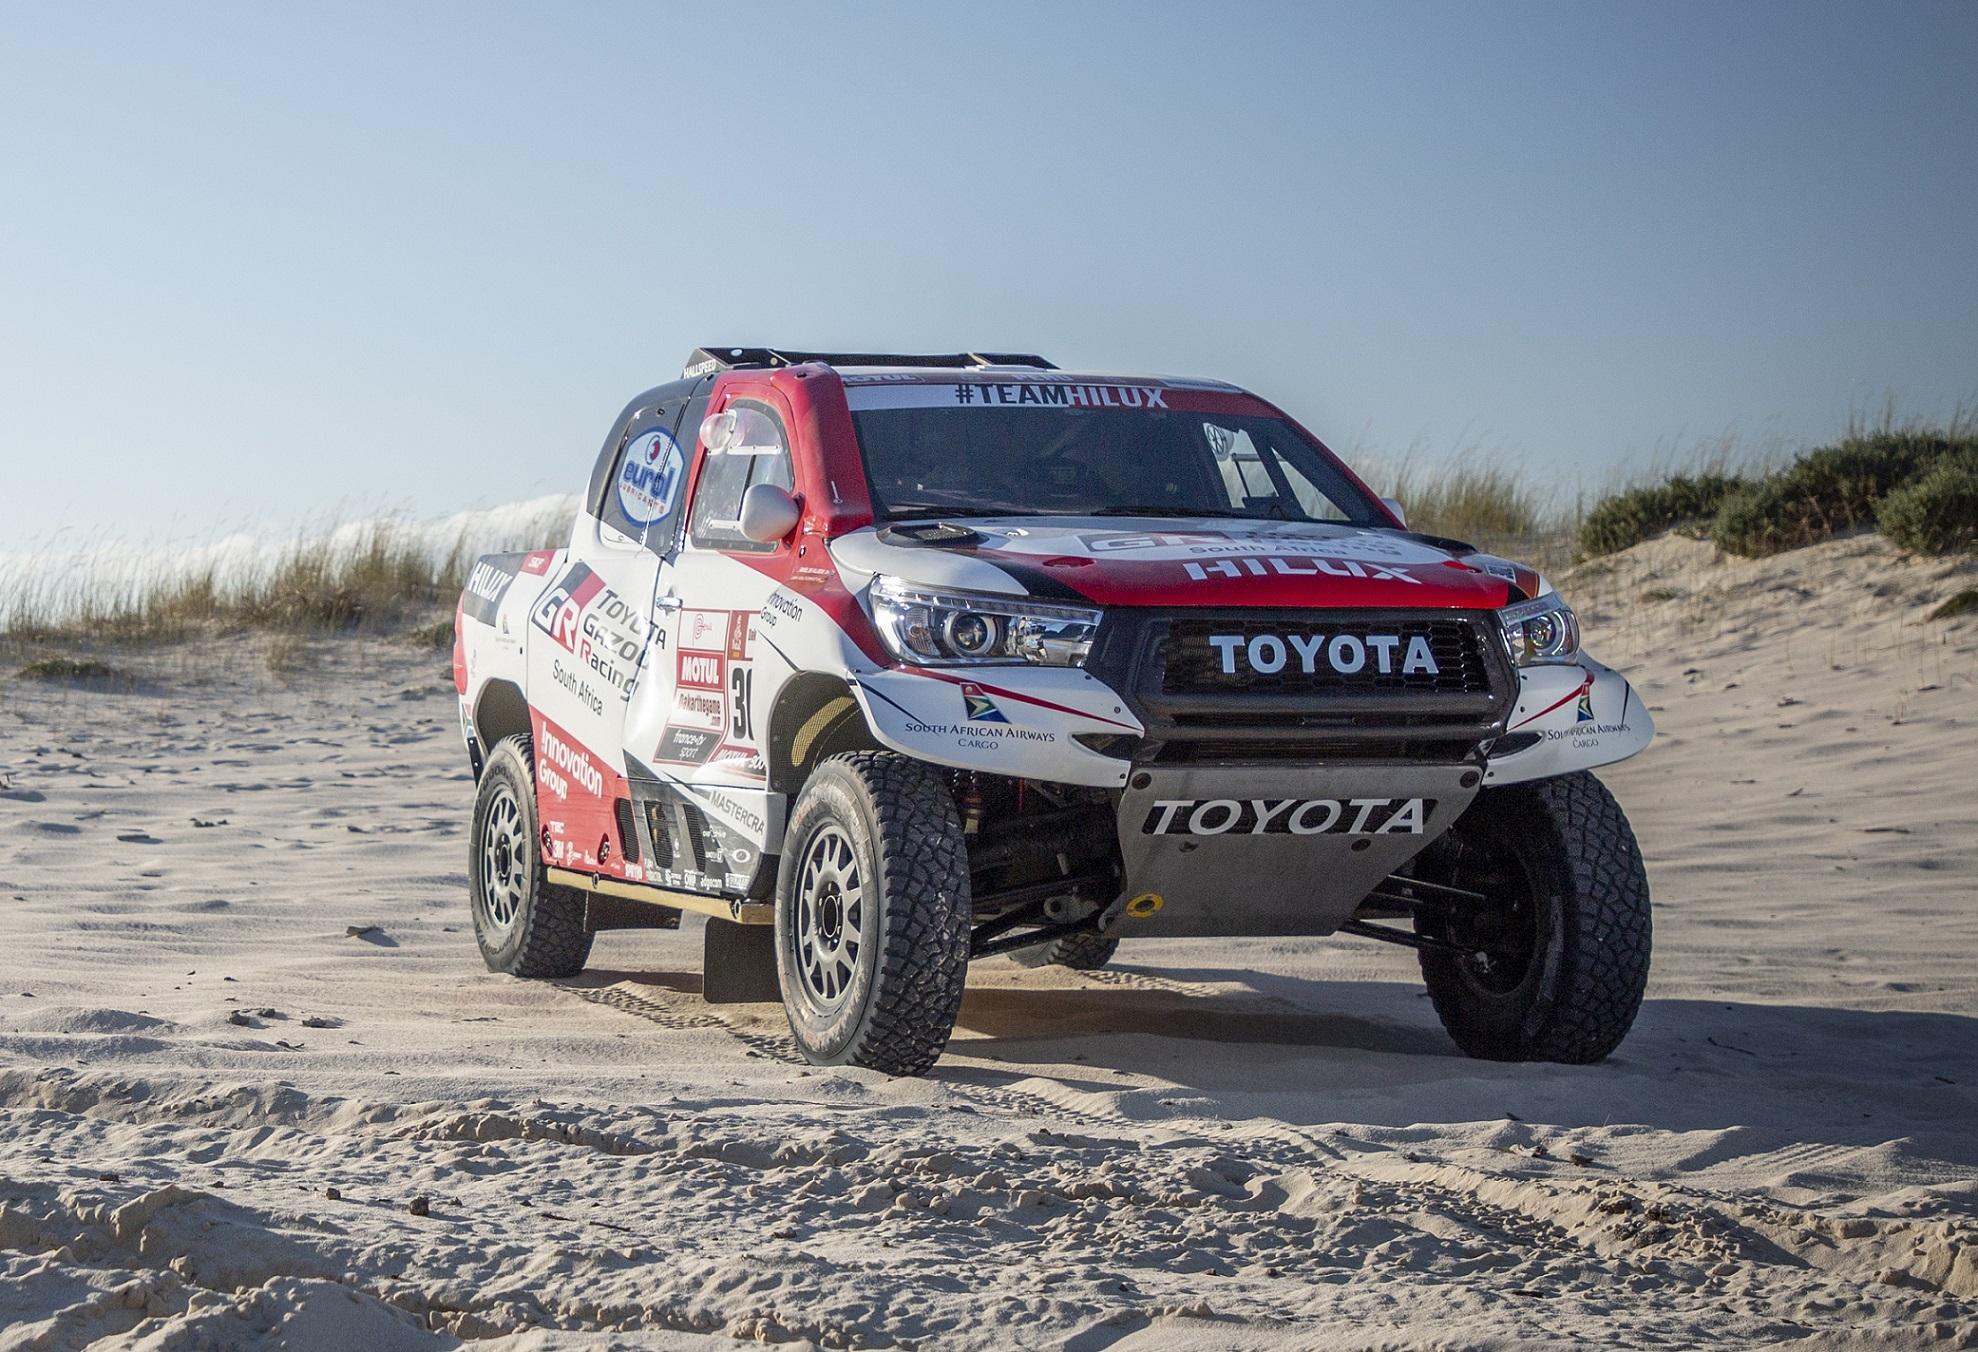 Este é o aspeto das Toyota Hilux que correrão este ano no Dakar